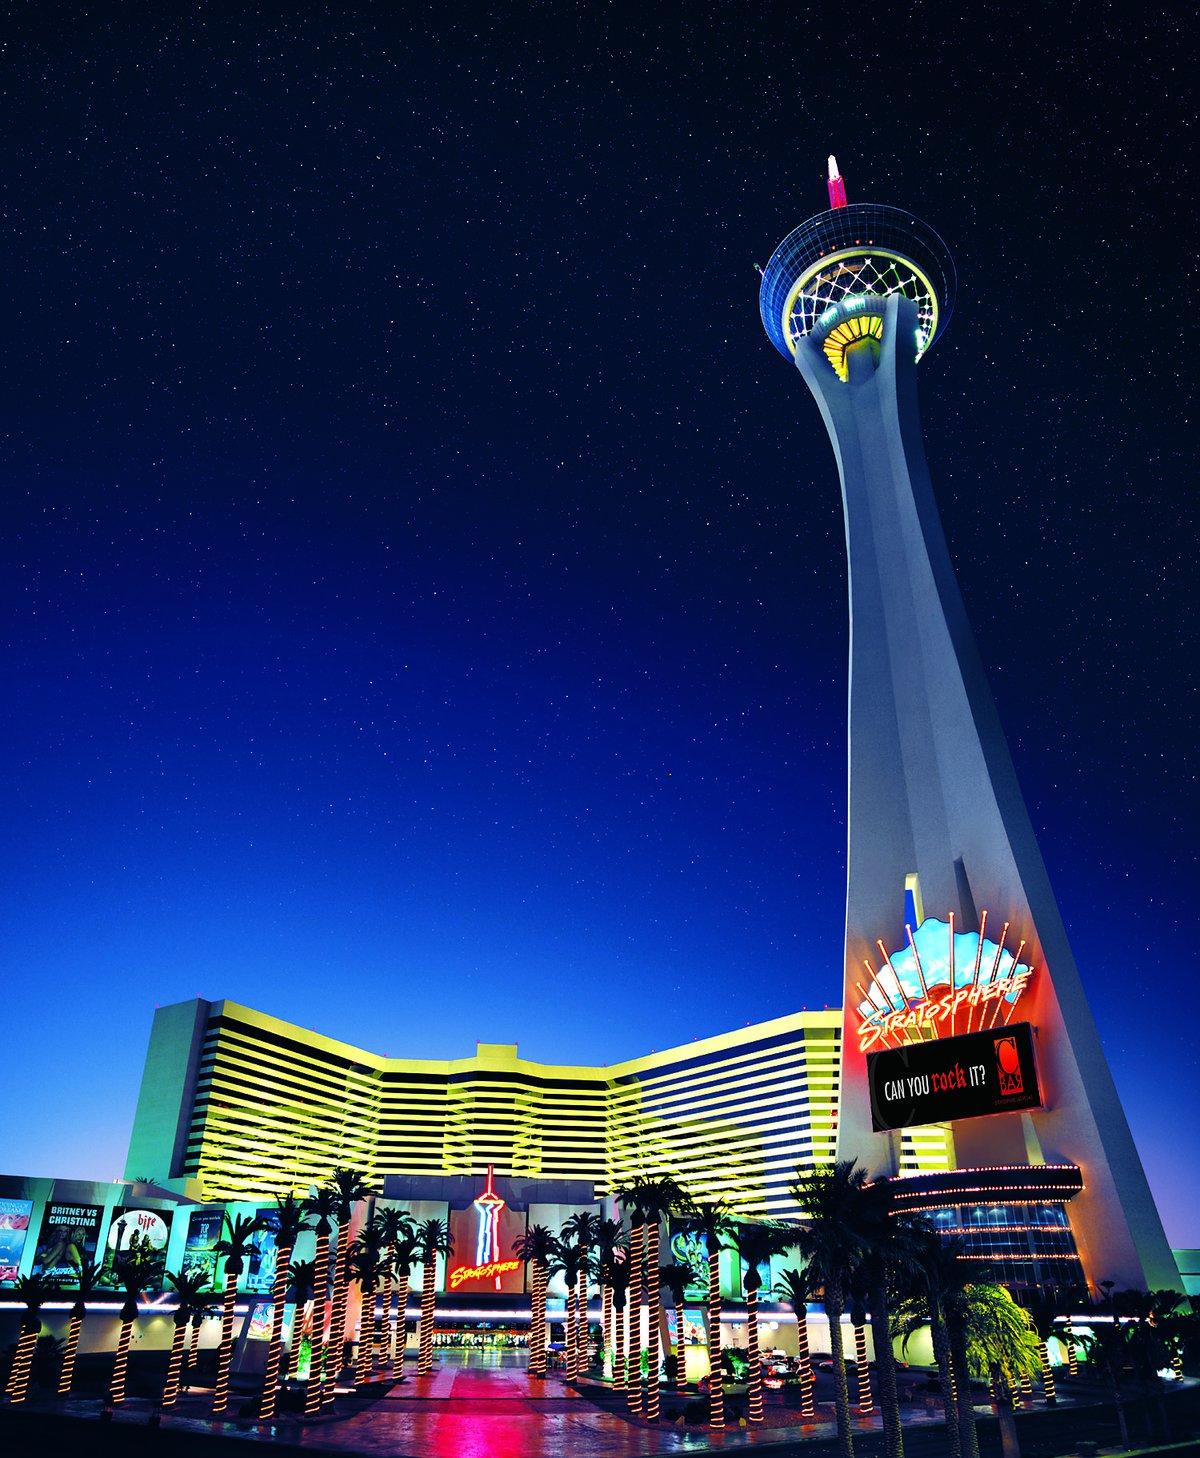 фото Вегас лас казино стратосфера